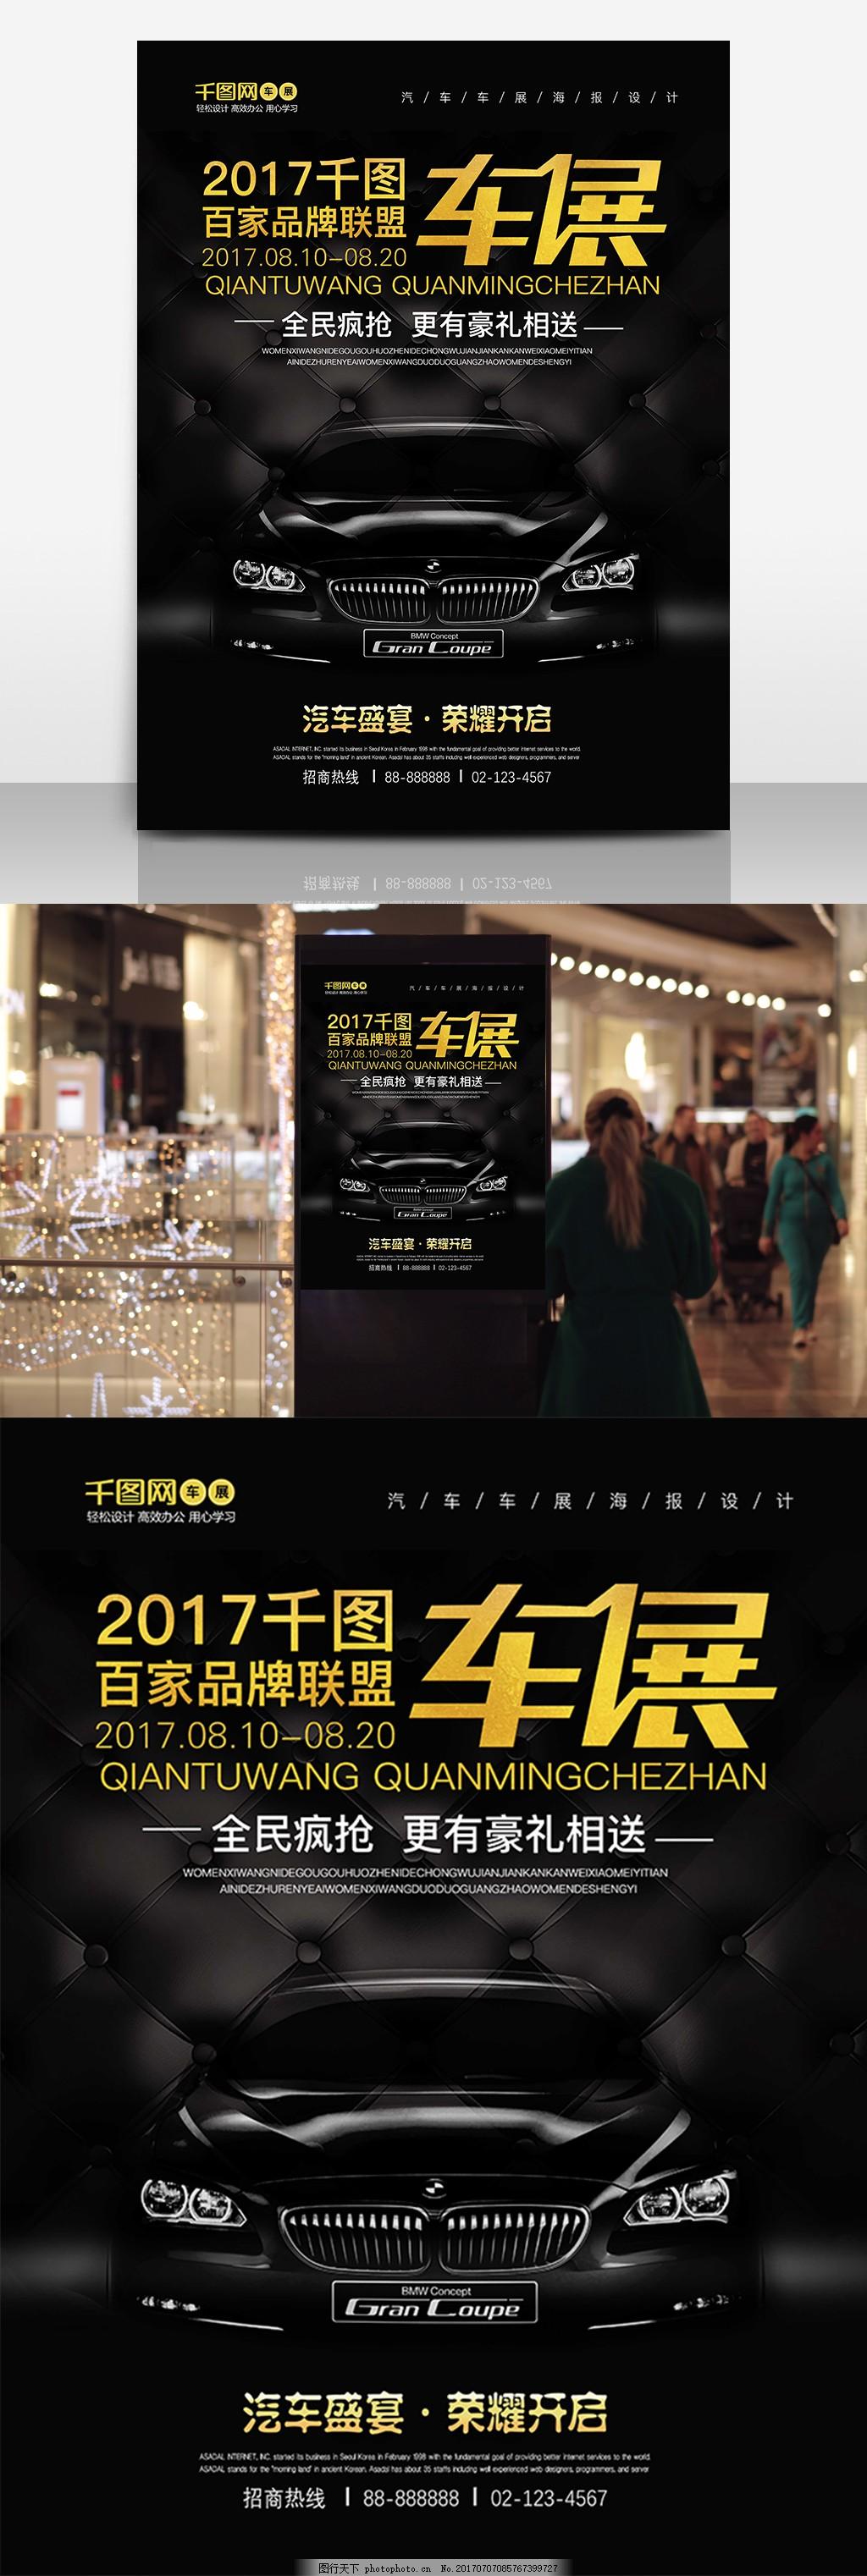 黑金字体设计品牌汽车车展盛宴海报设计